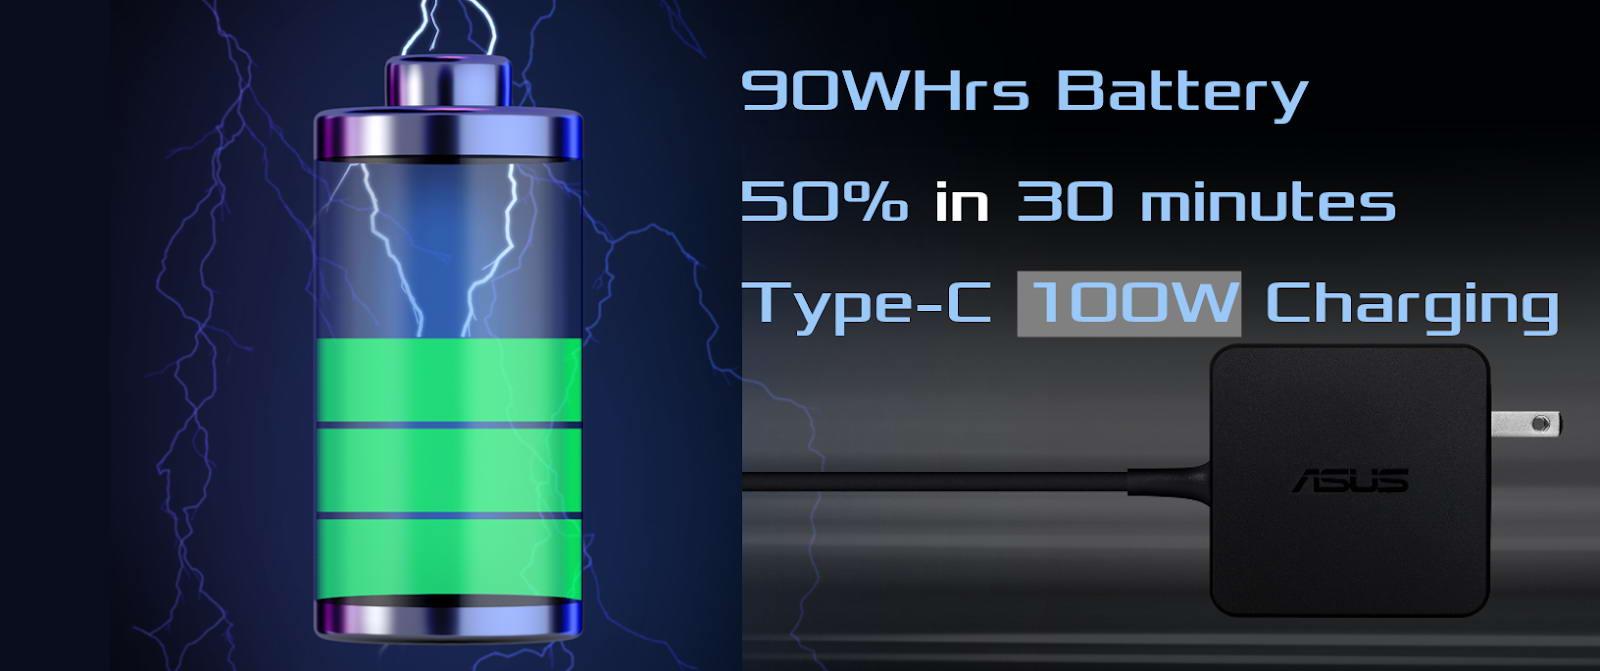 Viên pin 90Wh